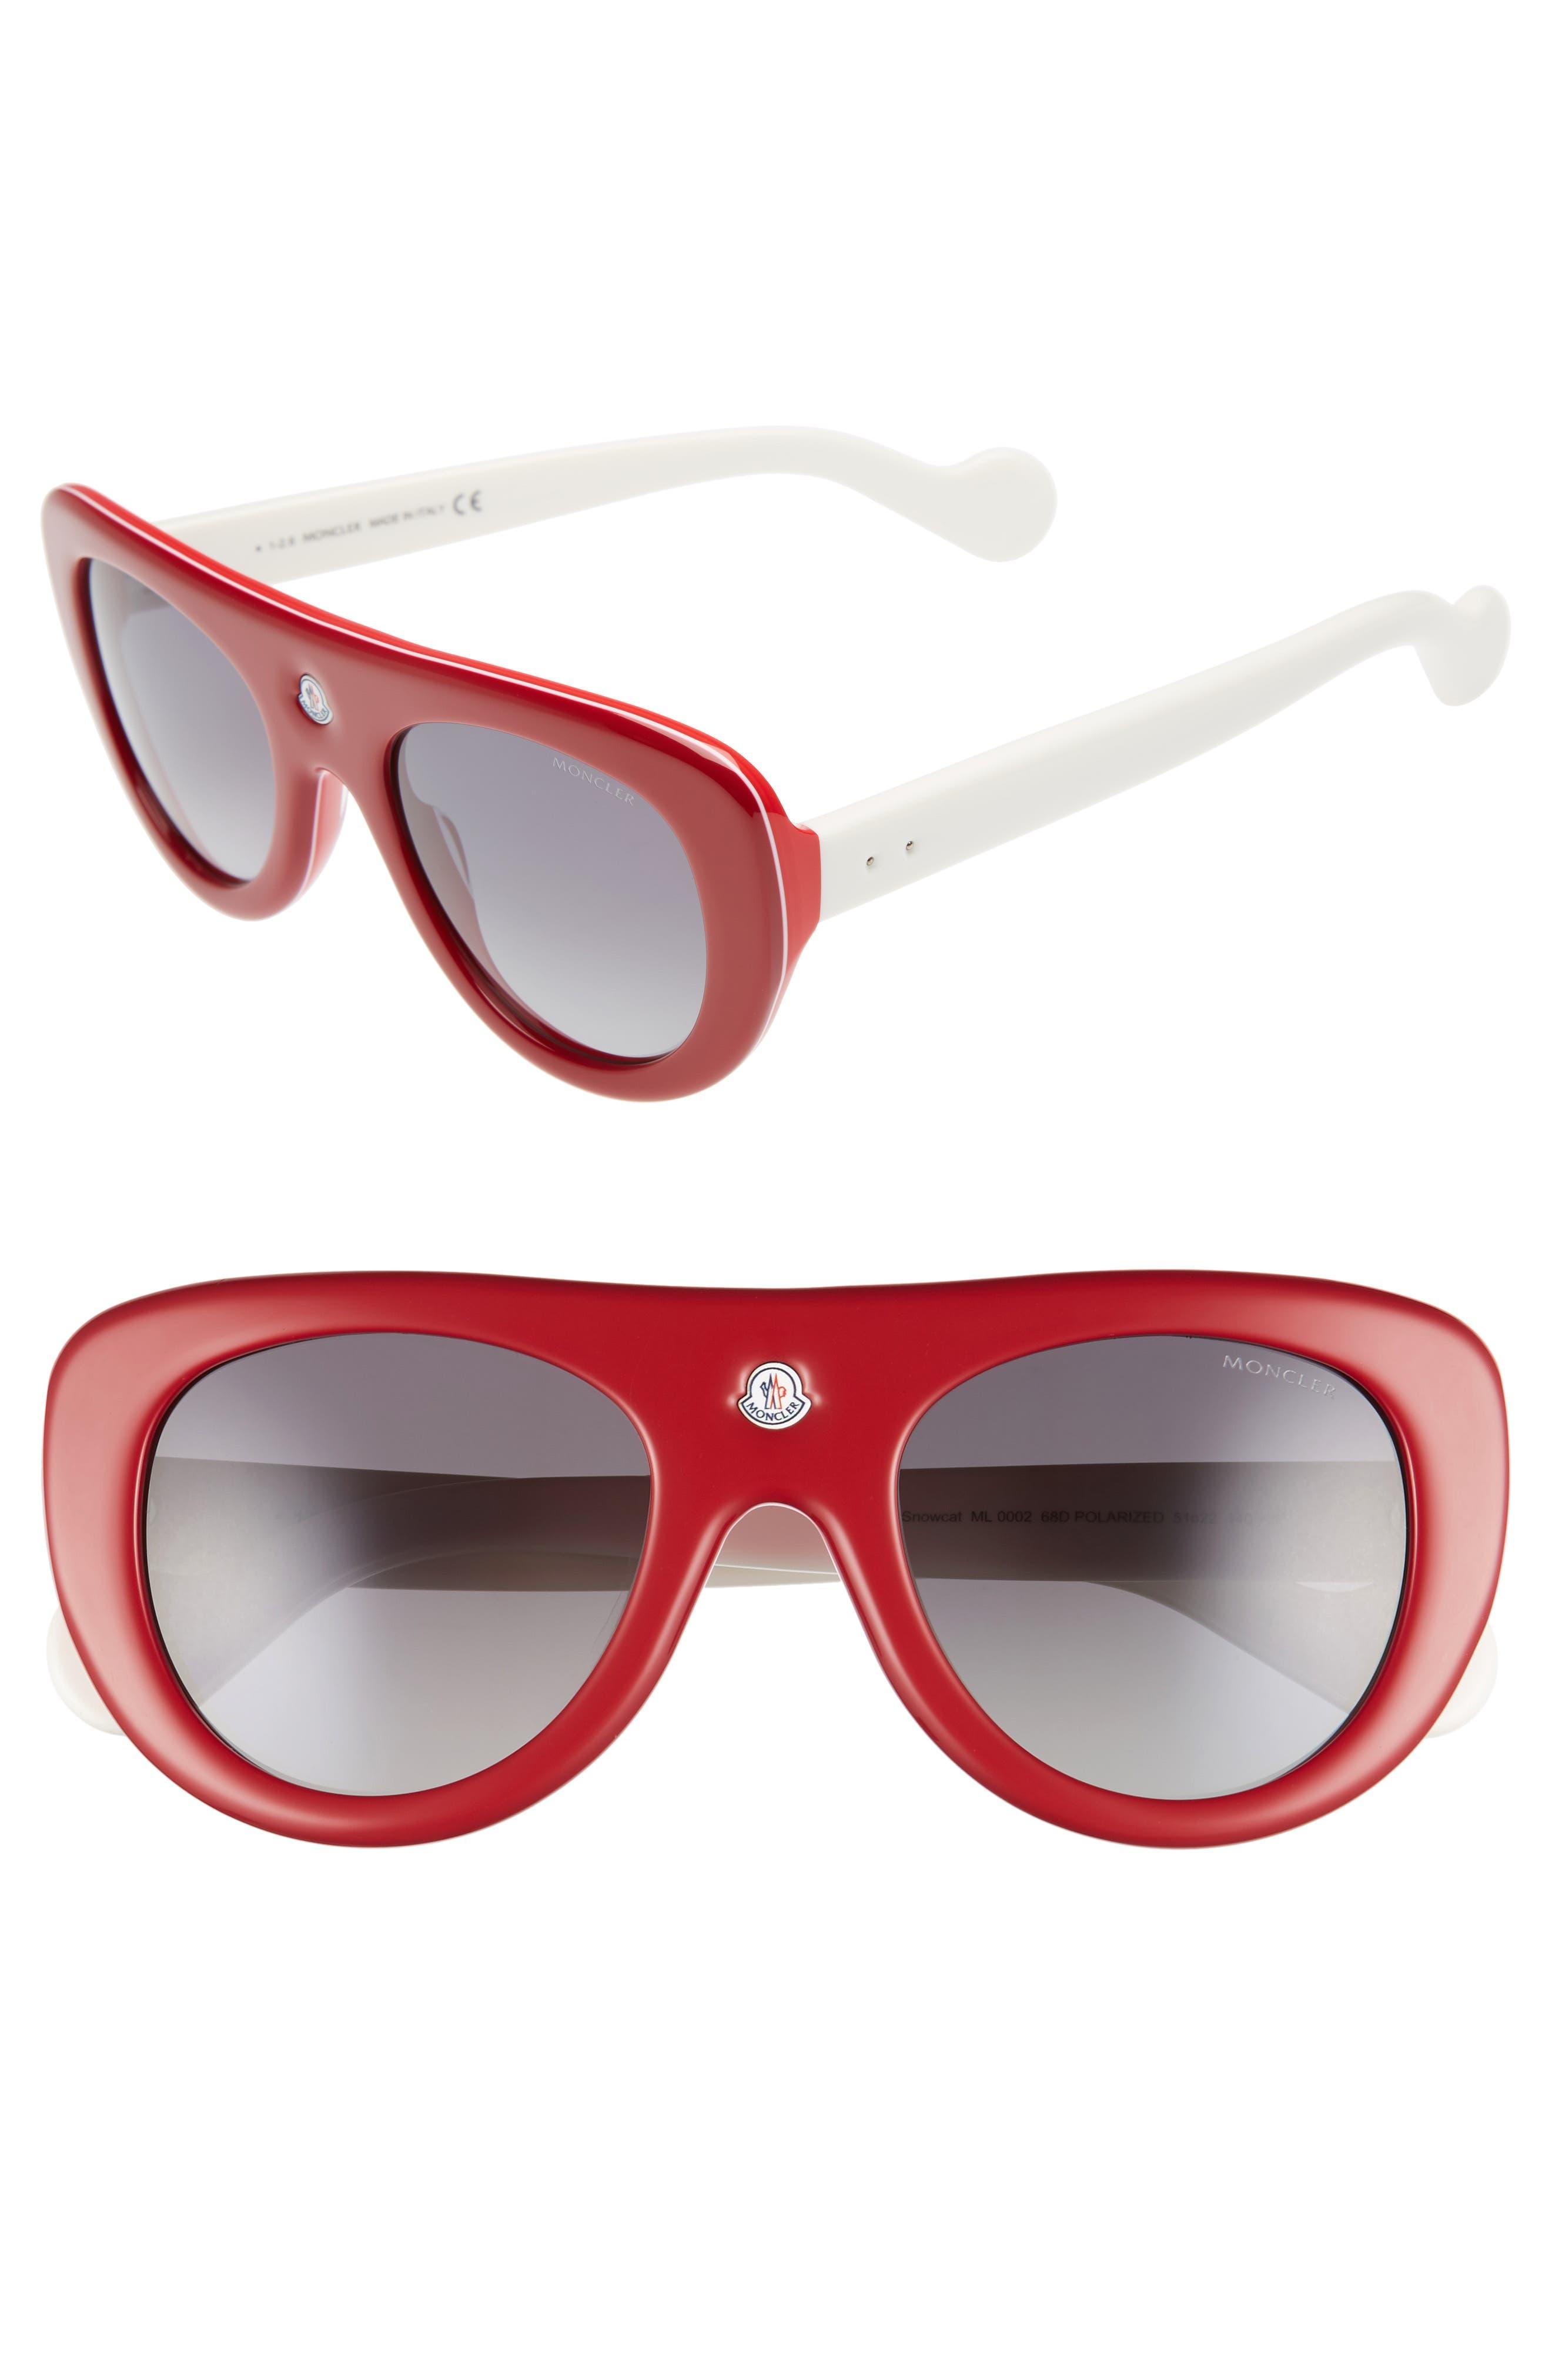 51mm Polarized Two-Tone Geometric Sunglasses,                         Main,                         color, 600